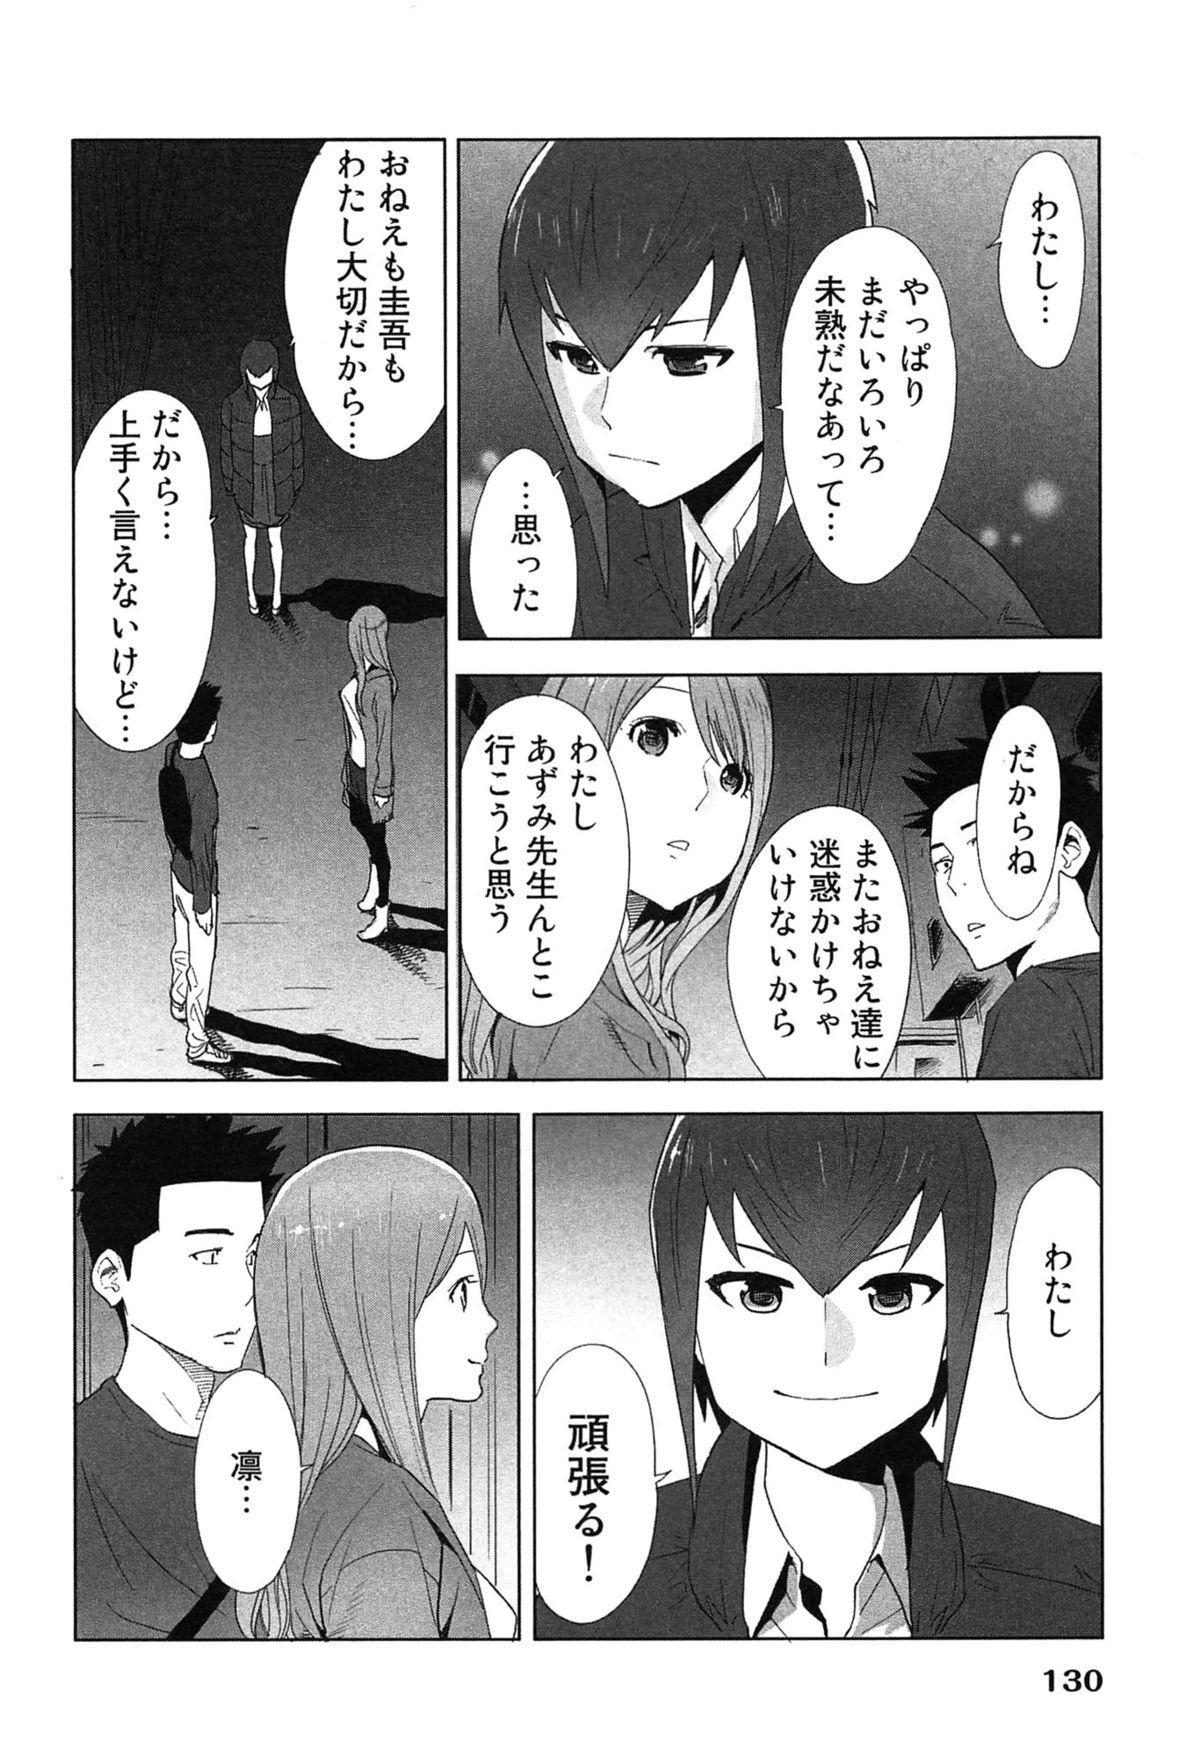 Megami to Ichinen Kura Shite Mita. 2 133